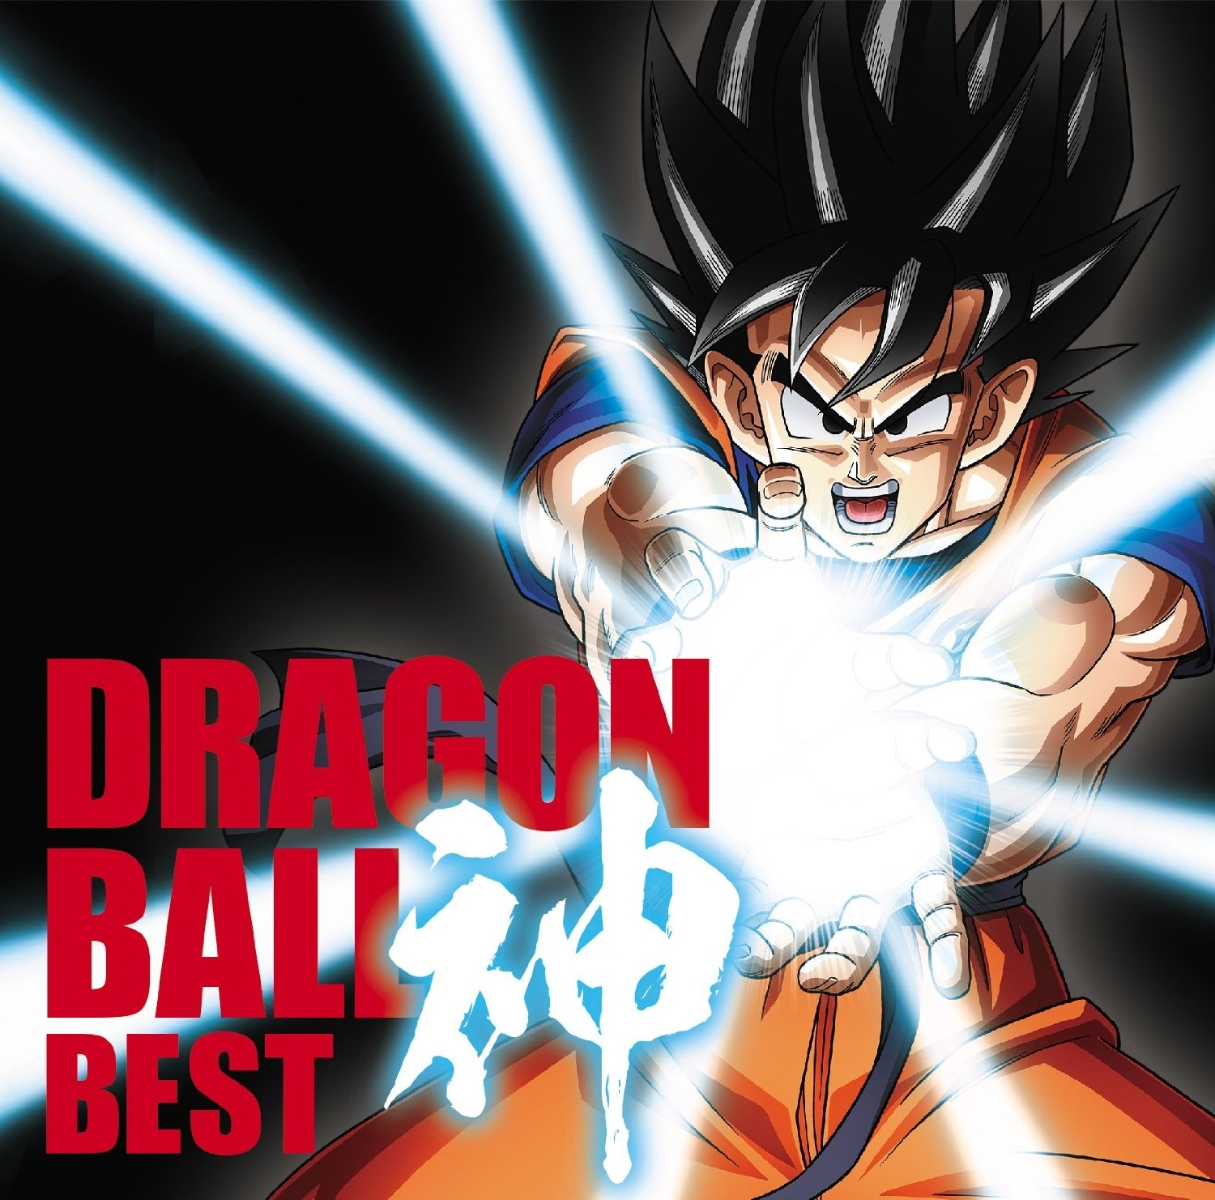 楽天ブックス アニメドラゴンボール放送30周年記念 ドラゴンボール